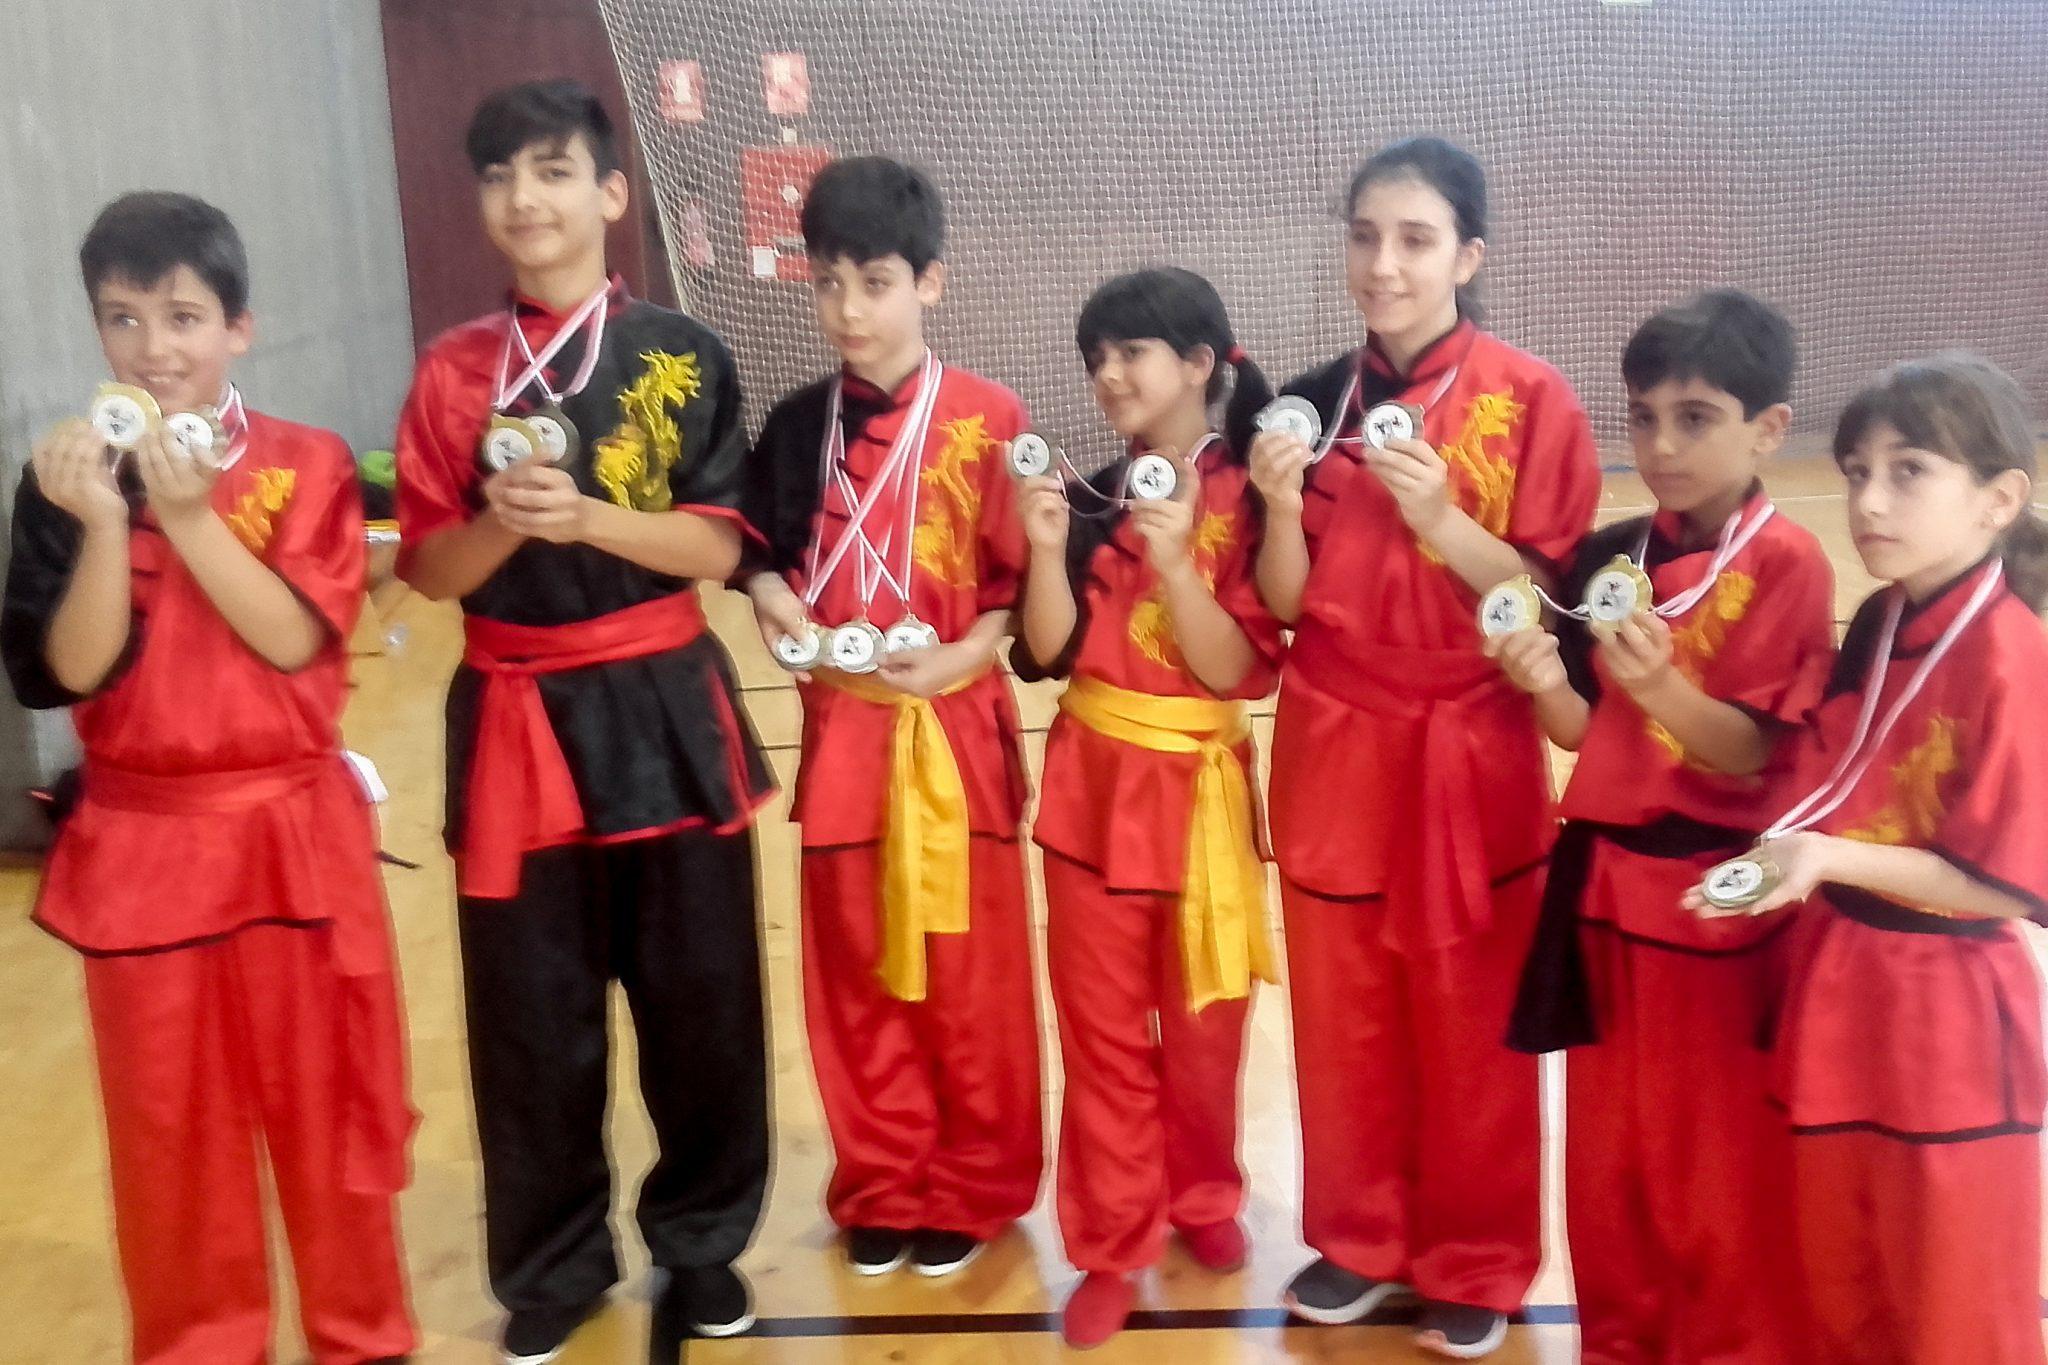 15 medallas para los componentes del equipo de Kung Fu del Gimnasio Dojo Kan